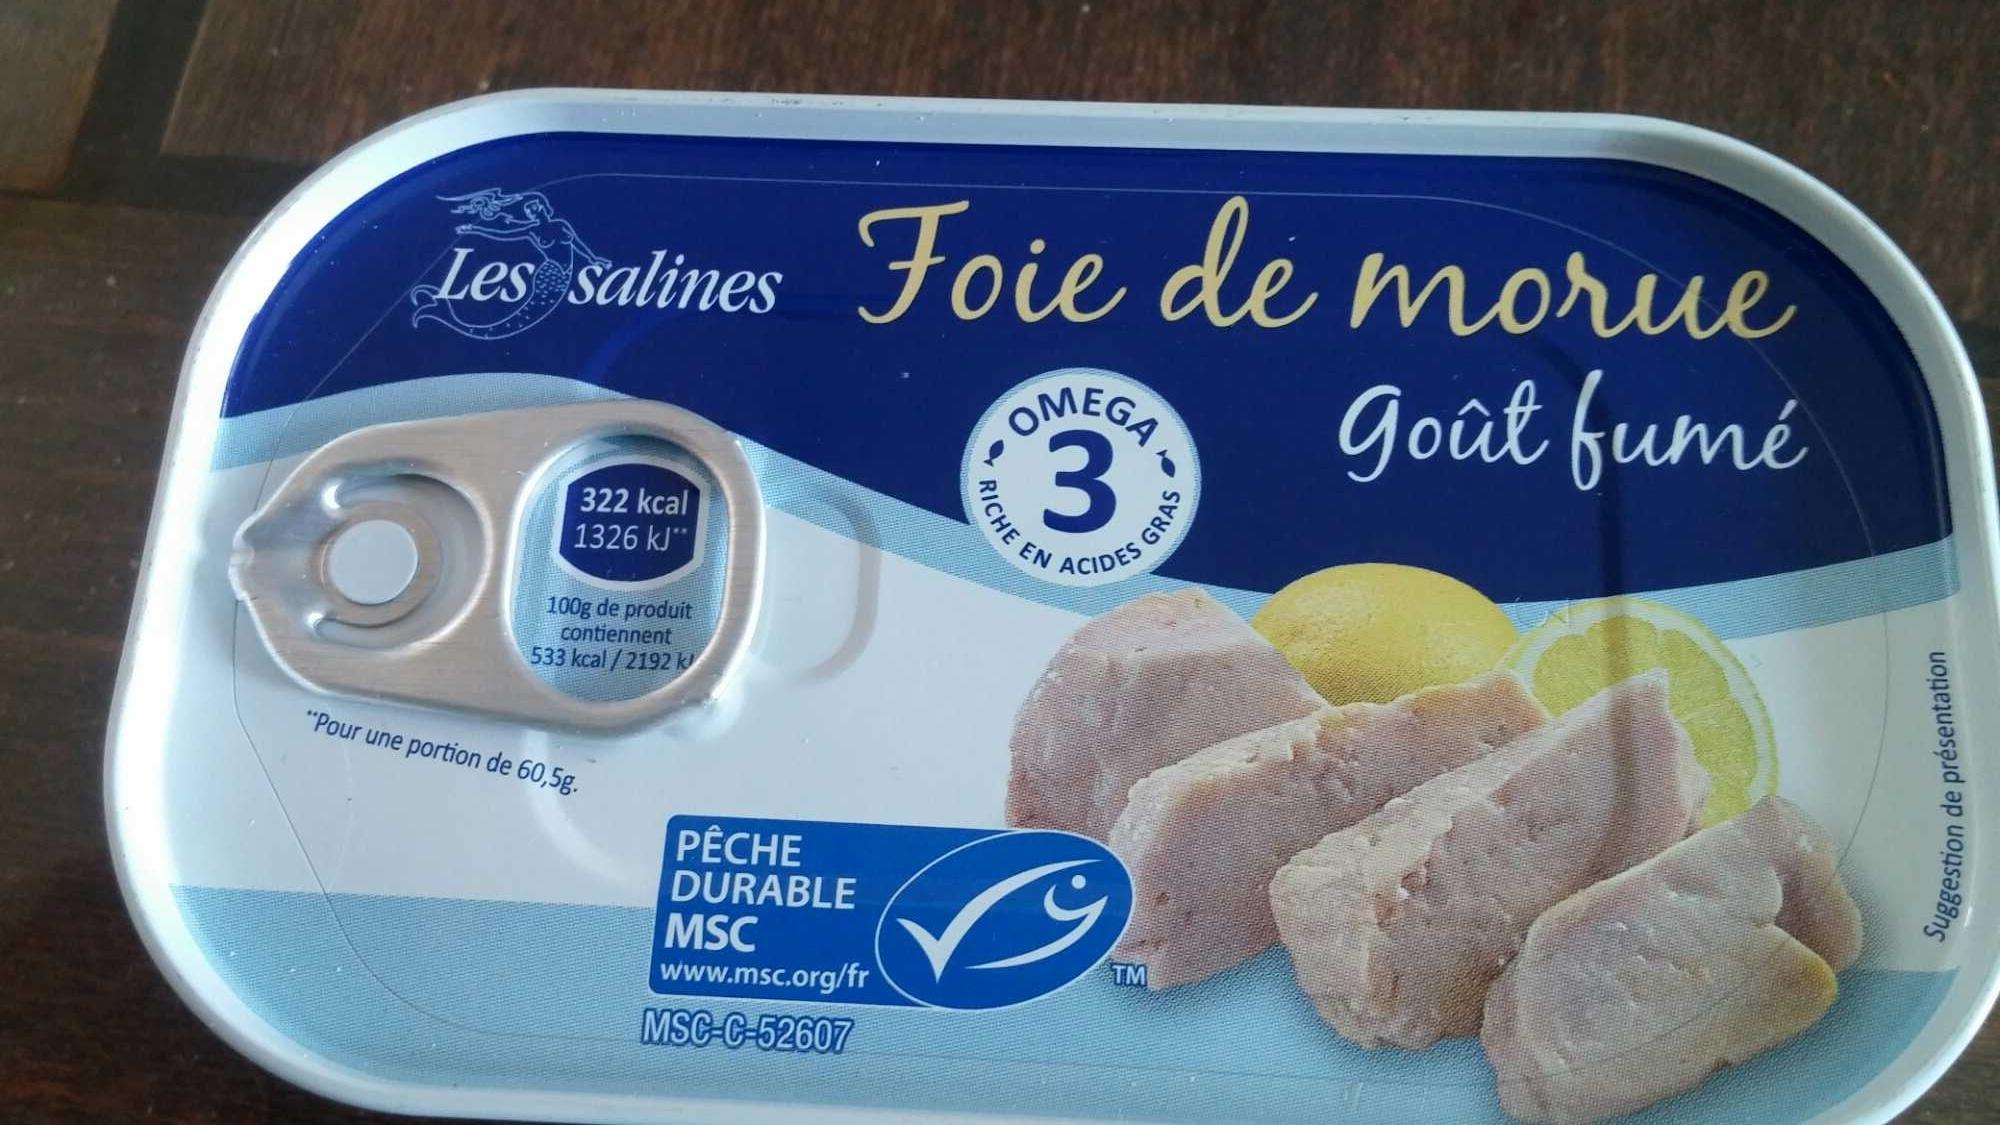 Foie de morue goût fumé - Produit - fr